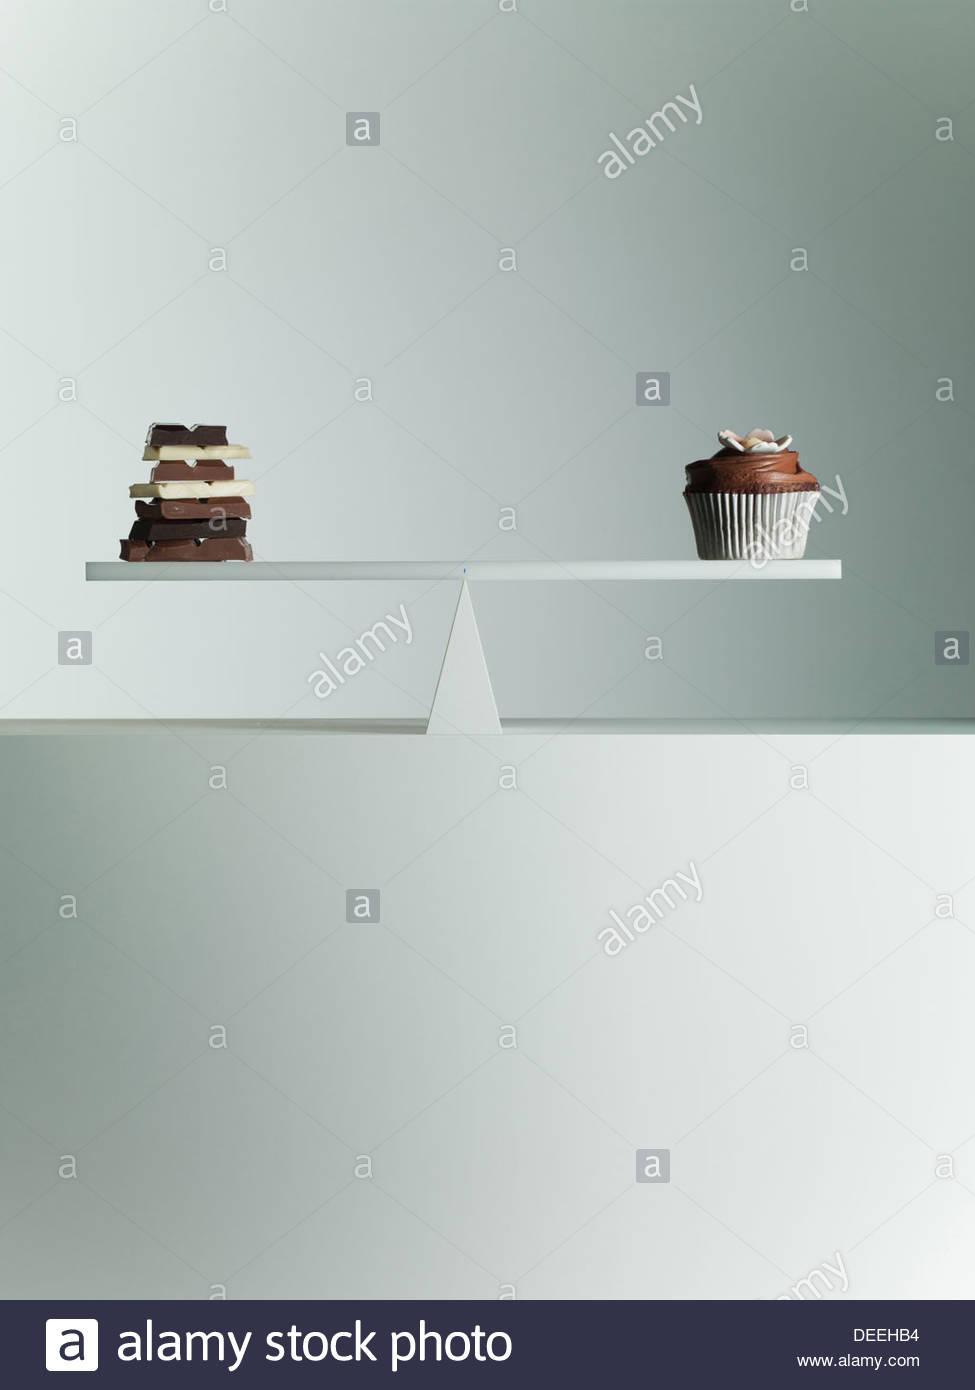 Barre di cioccolato e Tortina bilanciato su altalena Immagini Stock